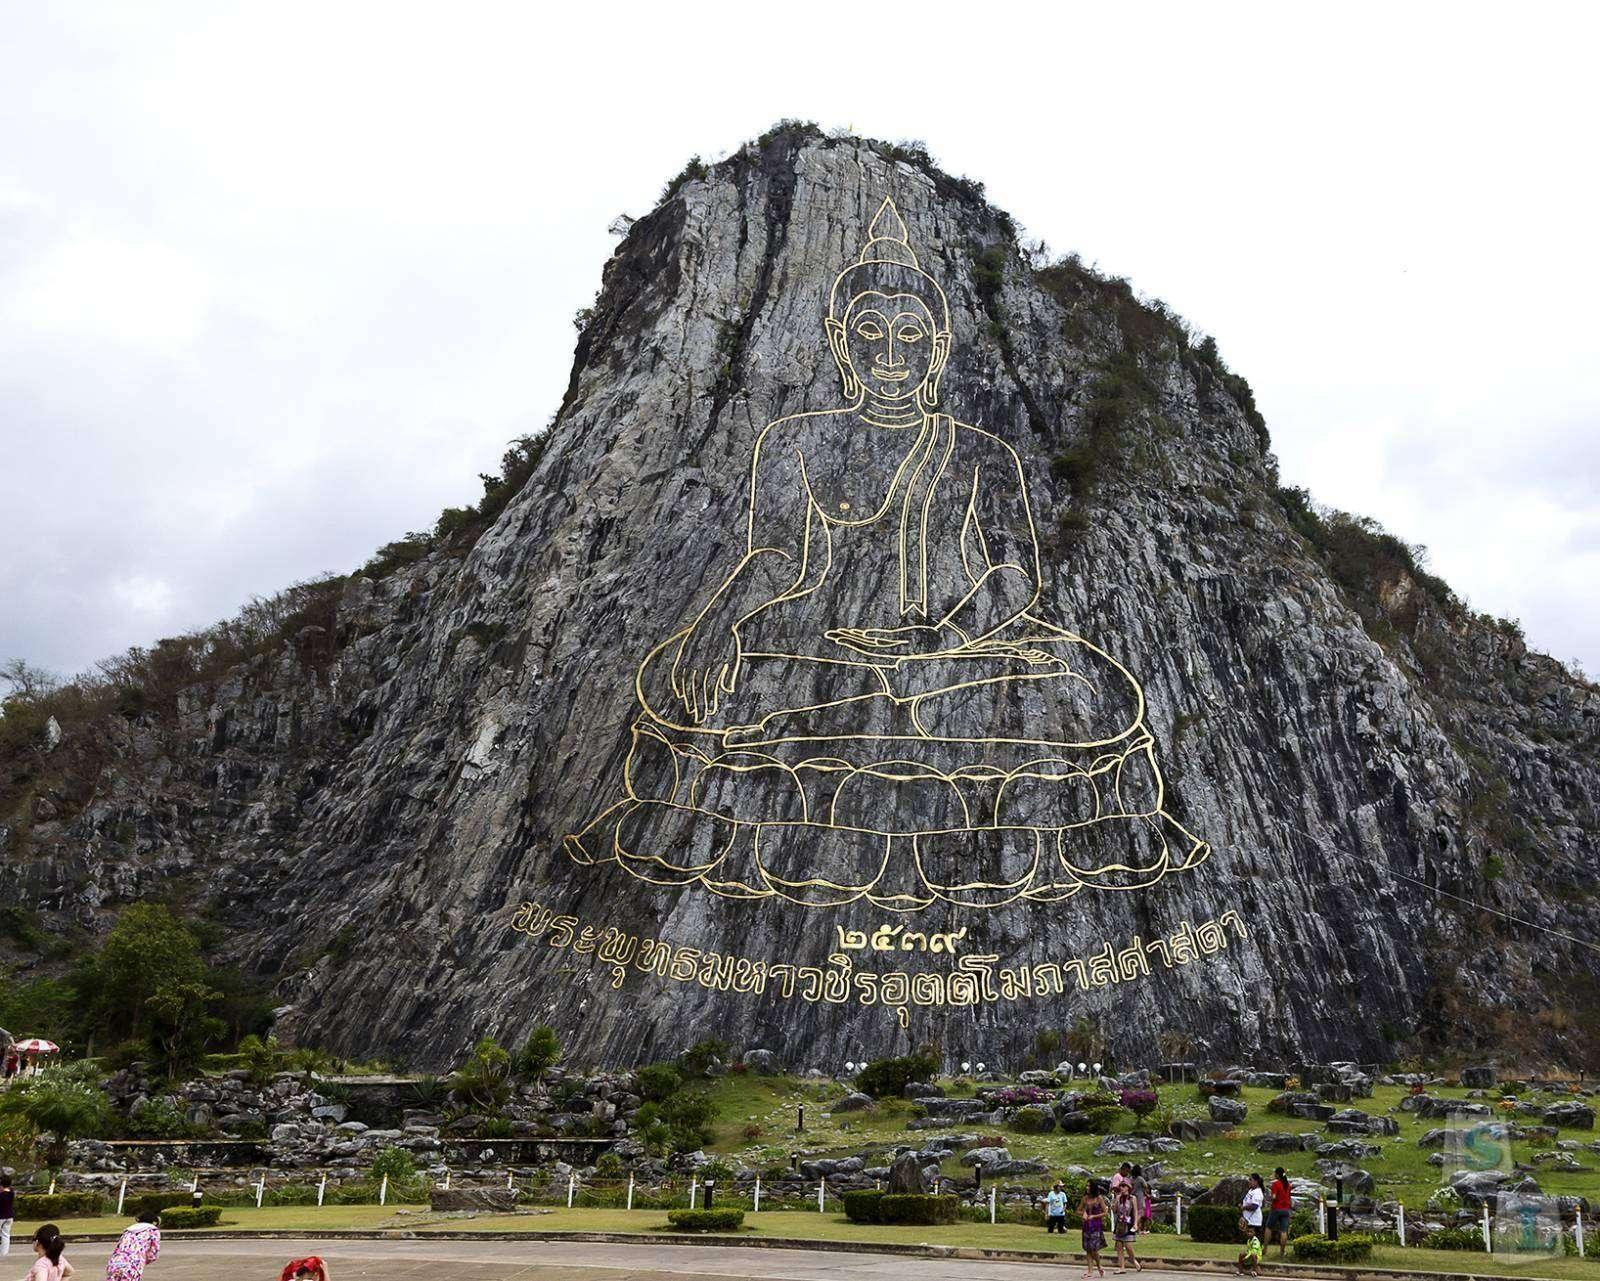 Другие: Тайский дневник. Паттайя. Золотая гора, храмовый комплекс Ват Ян, деревня длинношеих